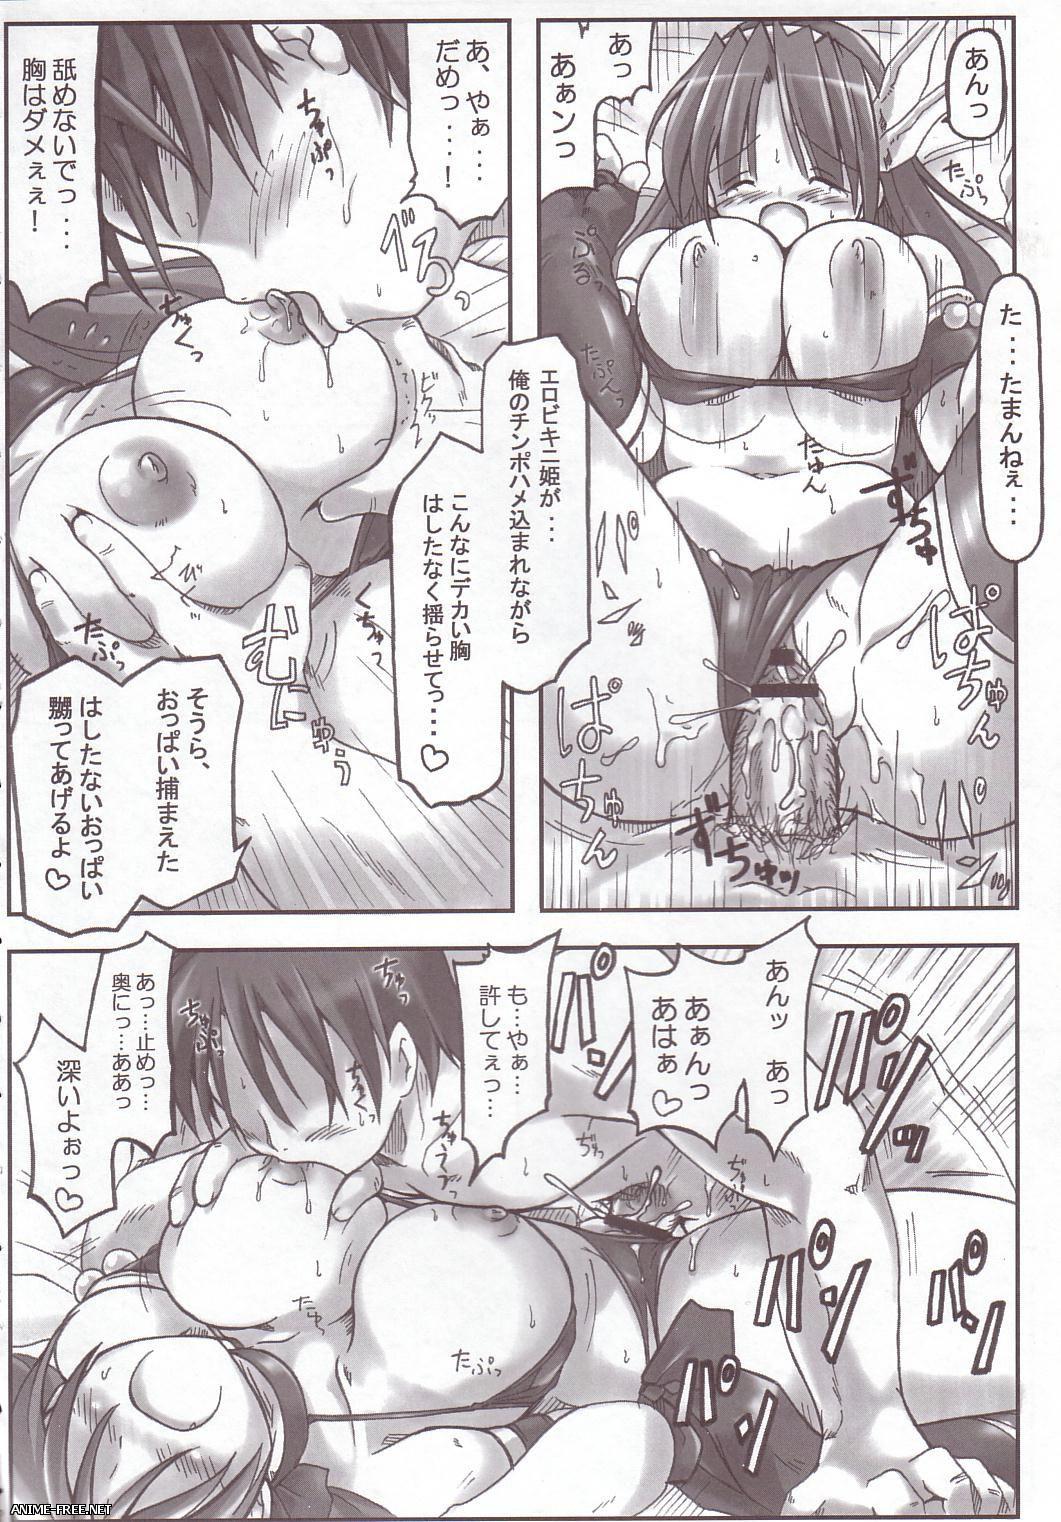 Yukitaka / DUAL BEAT — Сборник хентай манги [Ptcen] [ENG,JAP] Manga Hentai